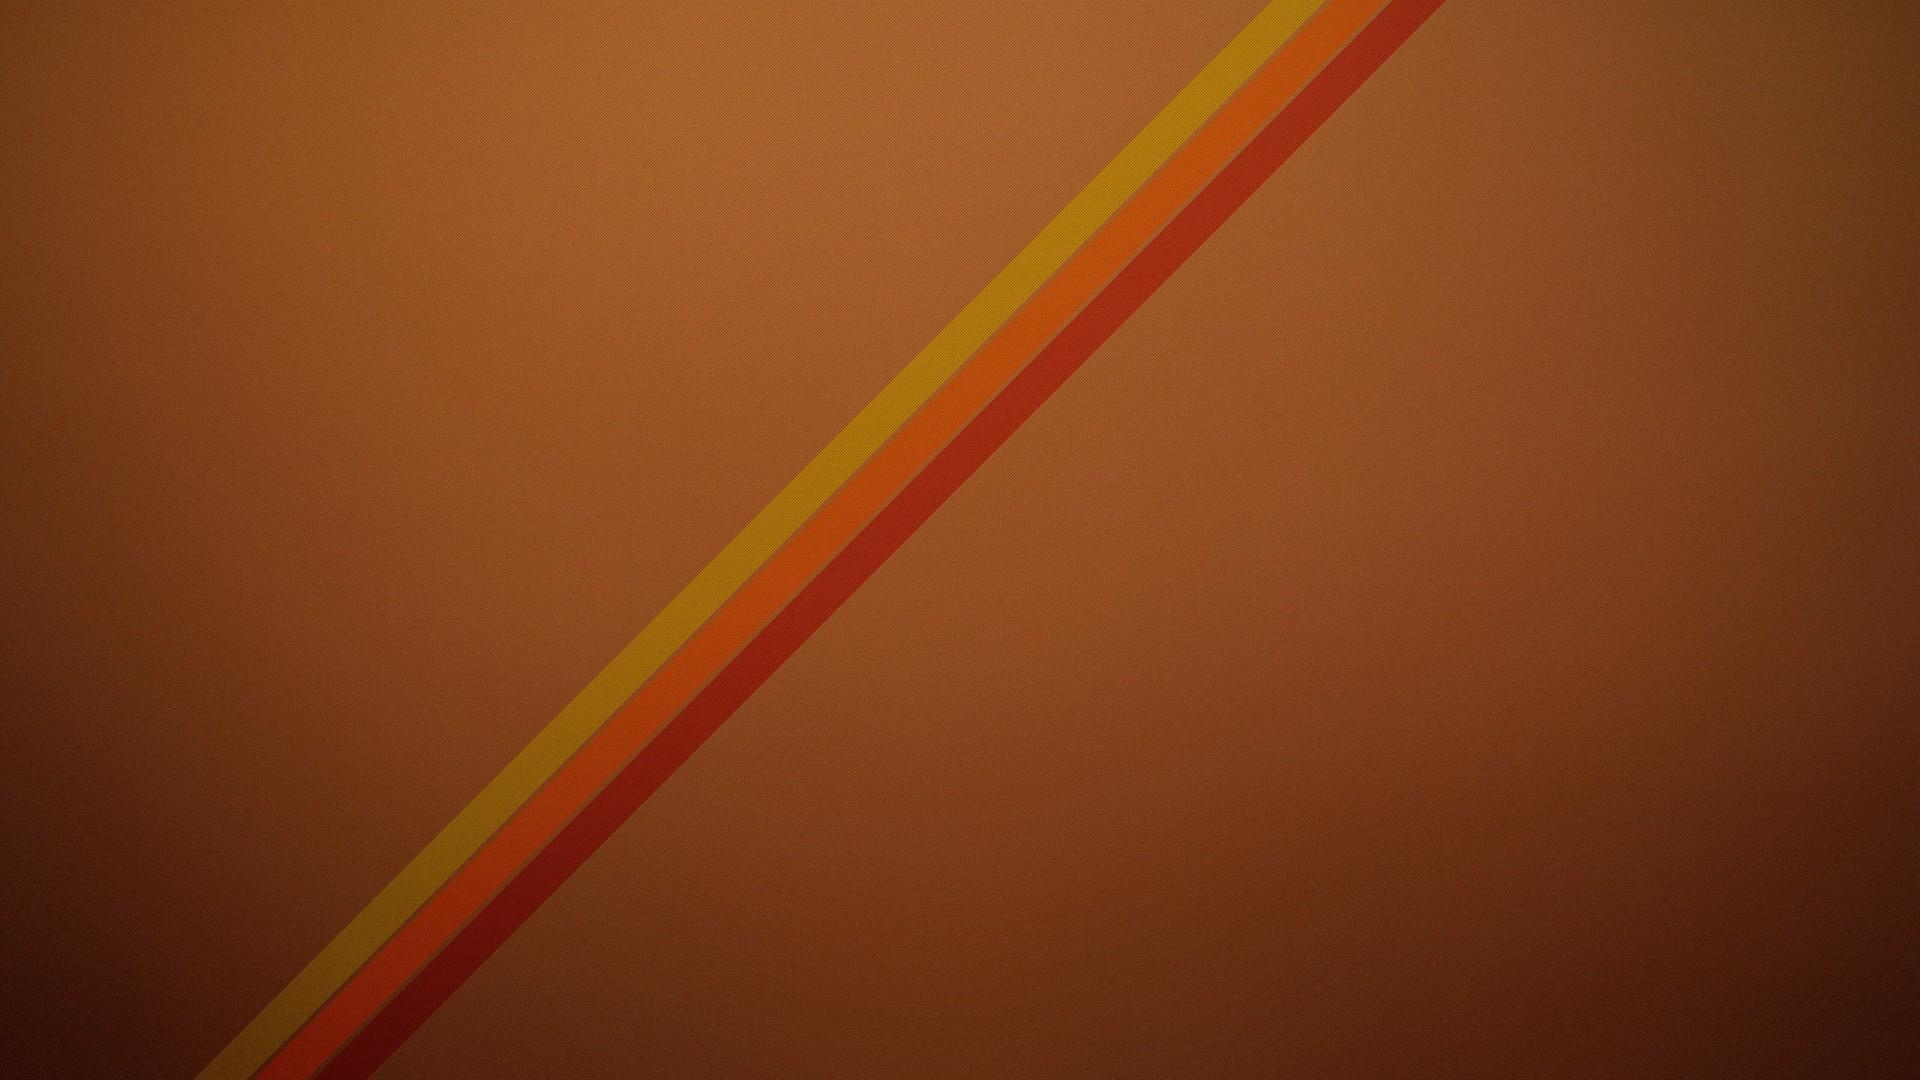 Minimalistic Stripes Free Download Wallpaper